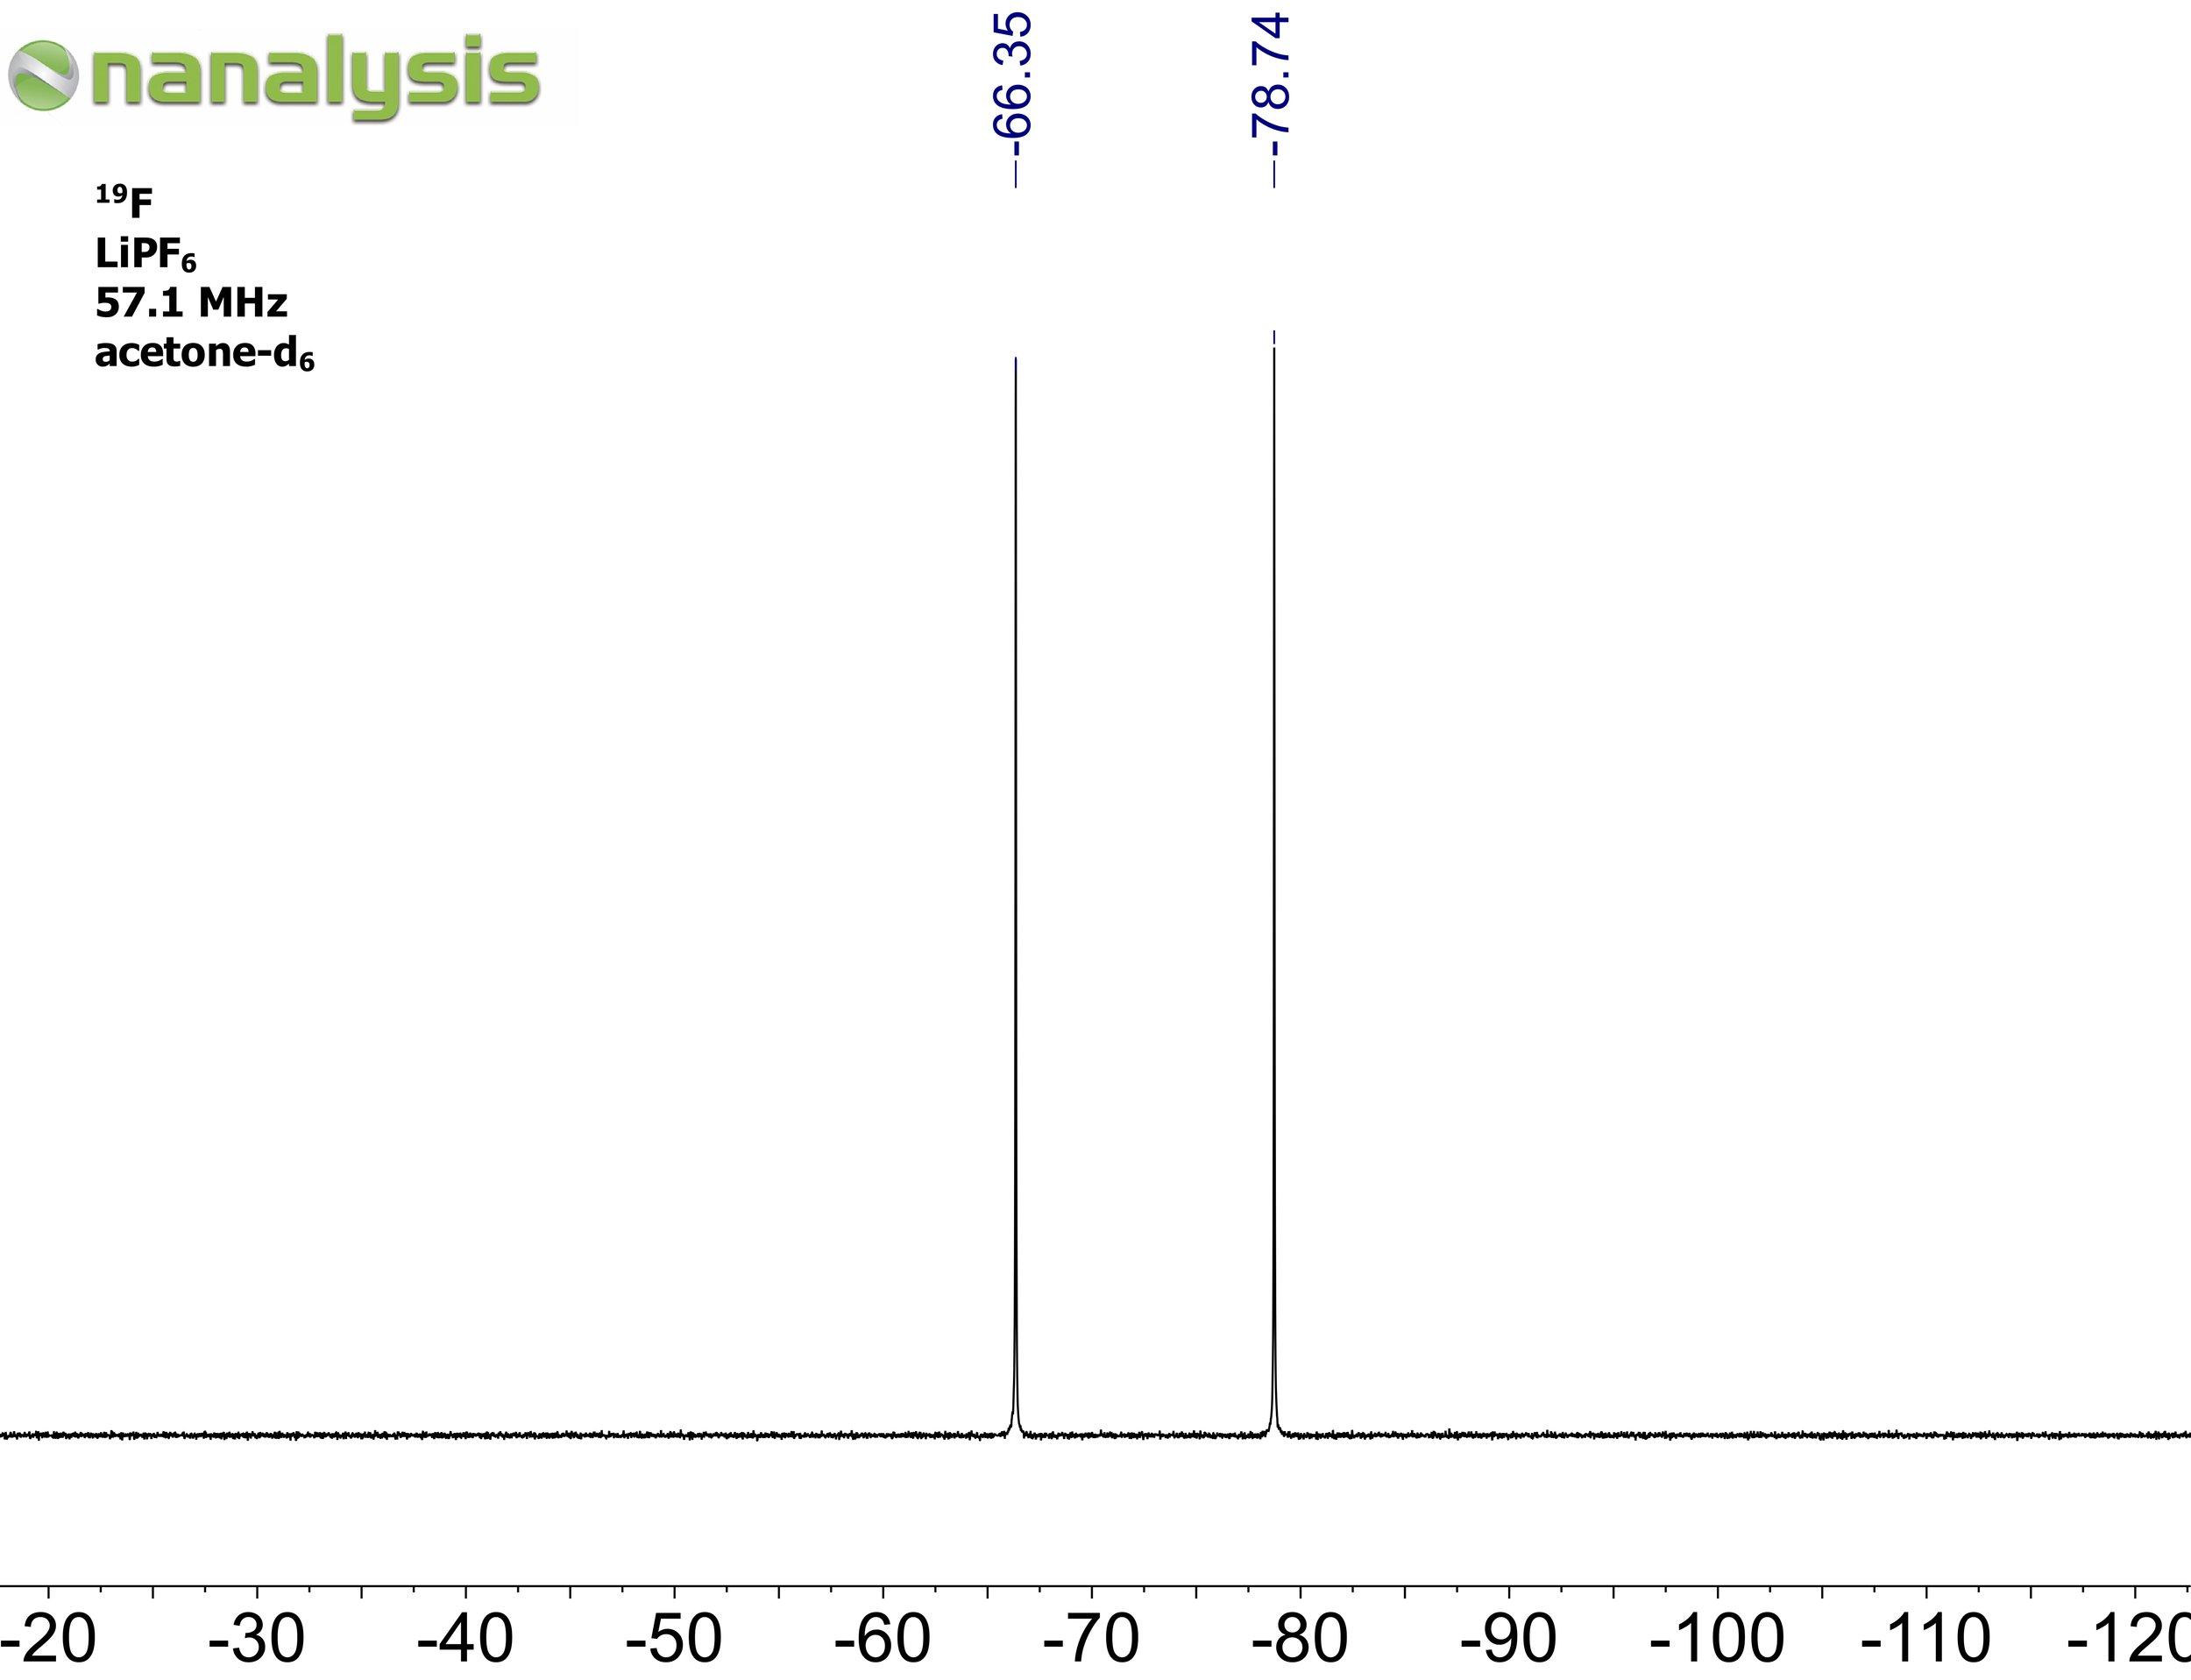 Figure 1.  19F NMR spectrum of lithium hexafluorophosphate in acetone-d6.